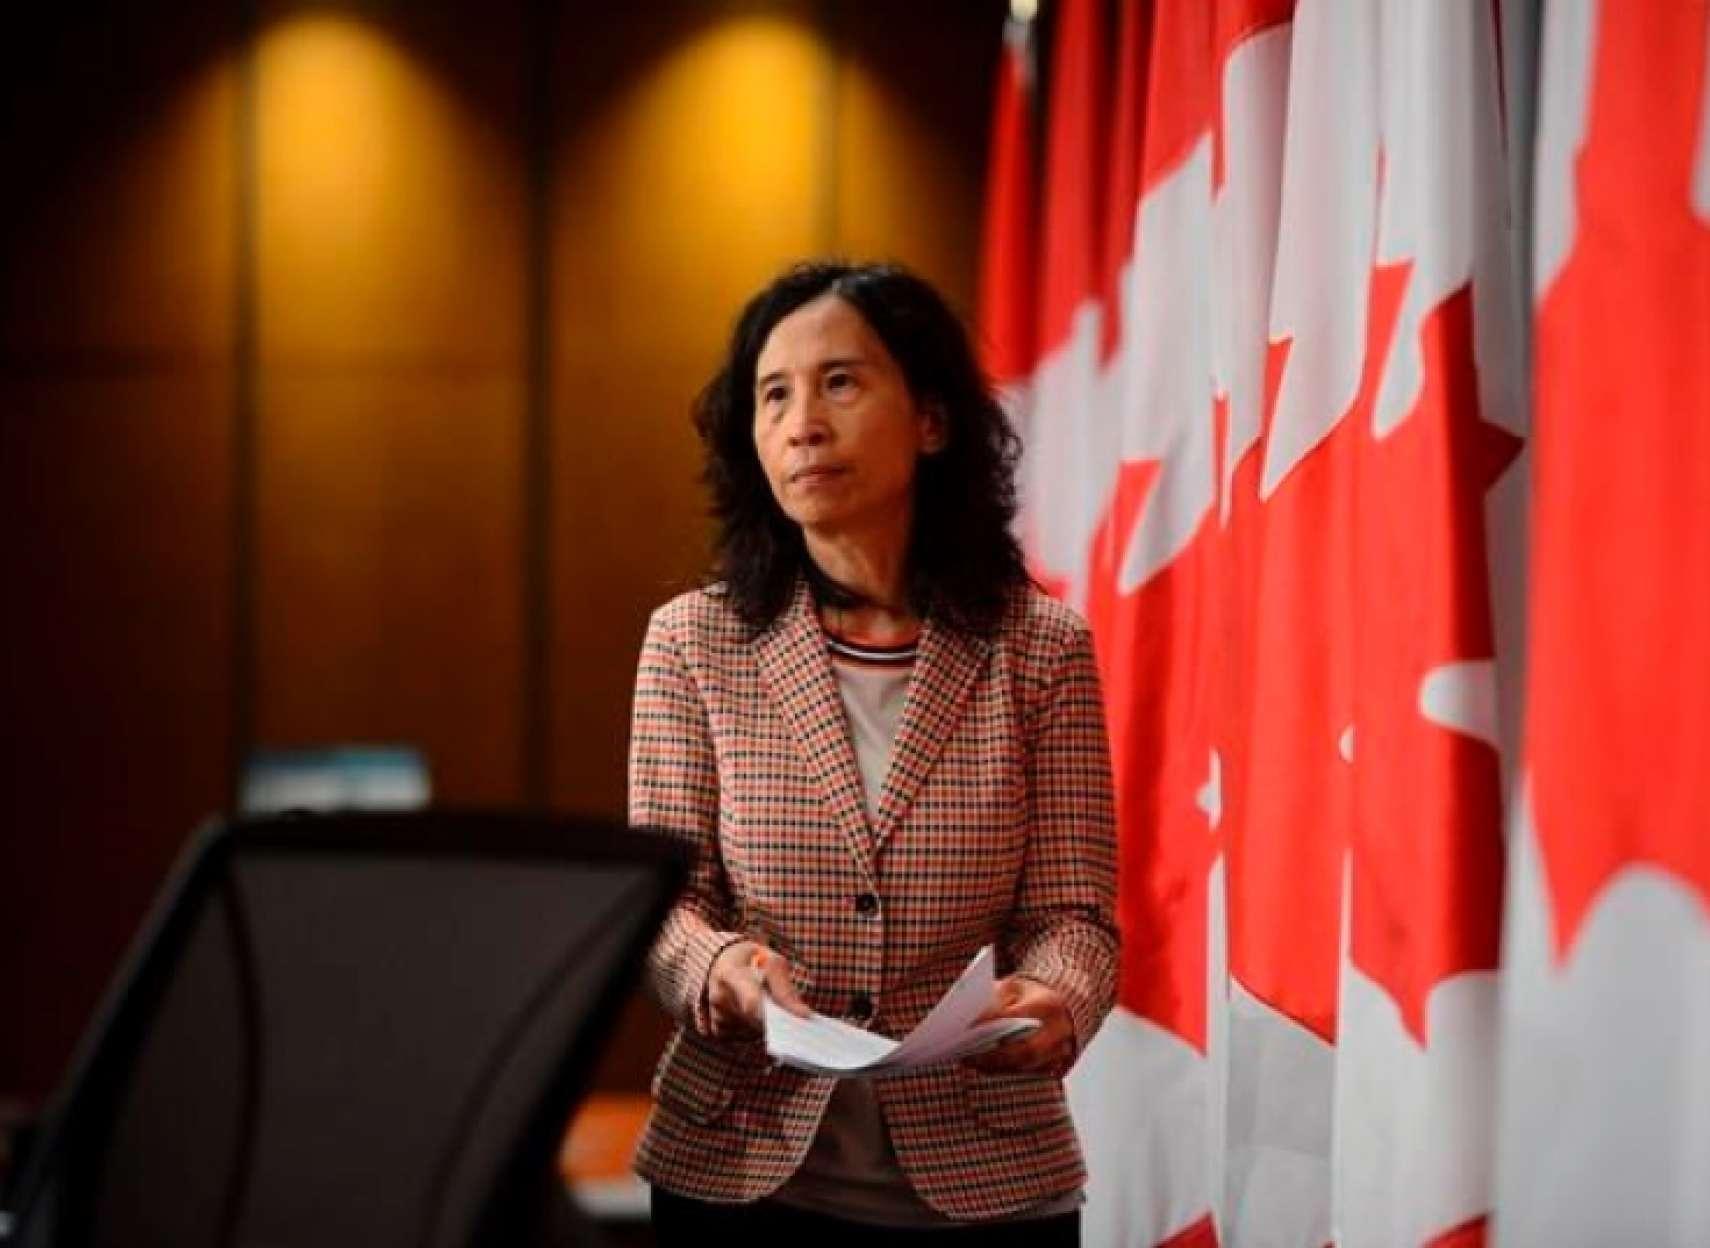 آژیر-قرمز-مدیر-بهداشت-عمومی-کانادا-درباره-افزایش-ابتلا-به-کرونا-در-فصل-سرما